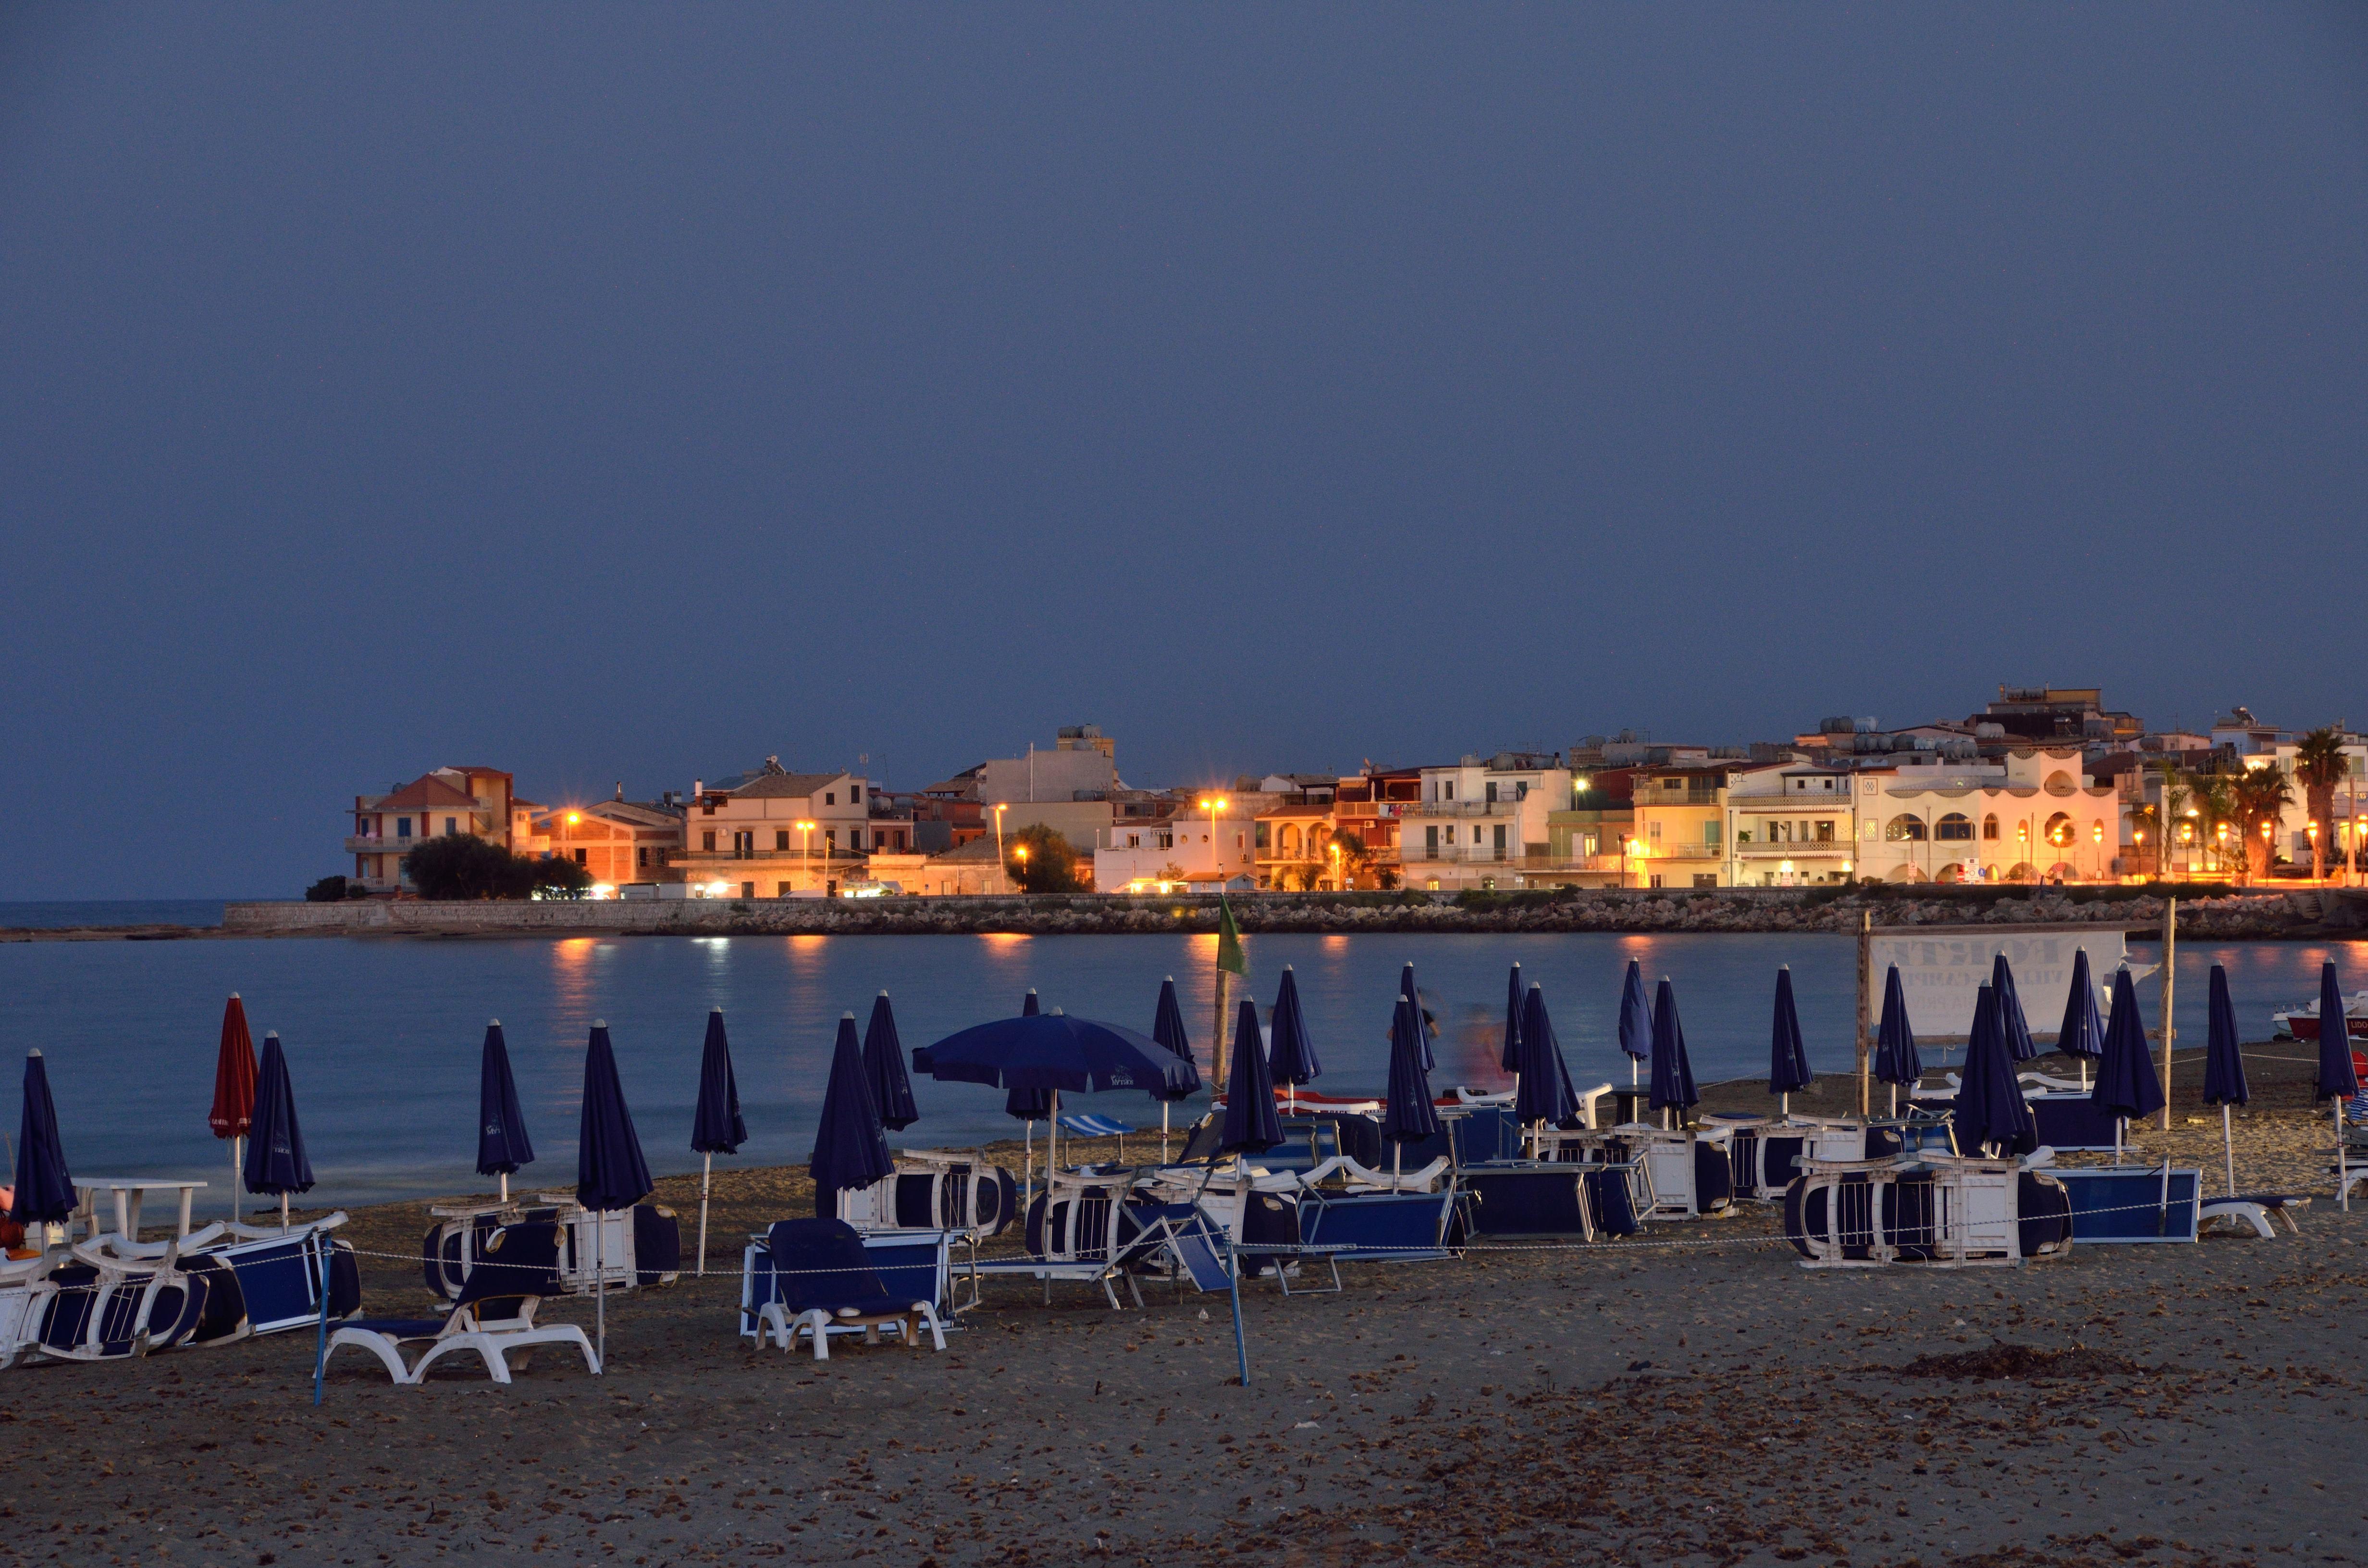 spiaggia spinazza residence rada delle tortore marzamemi - Spinazza